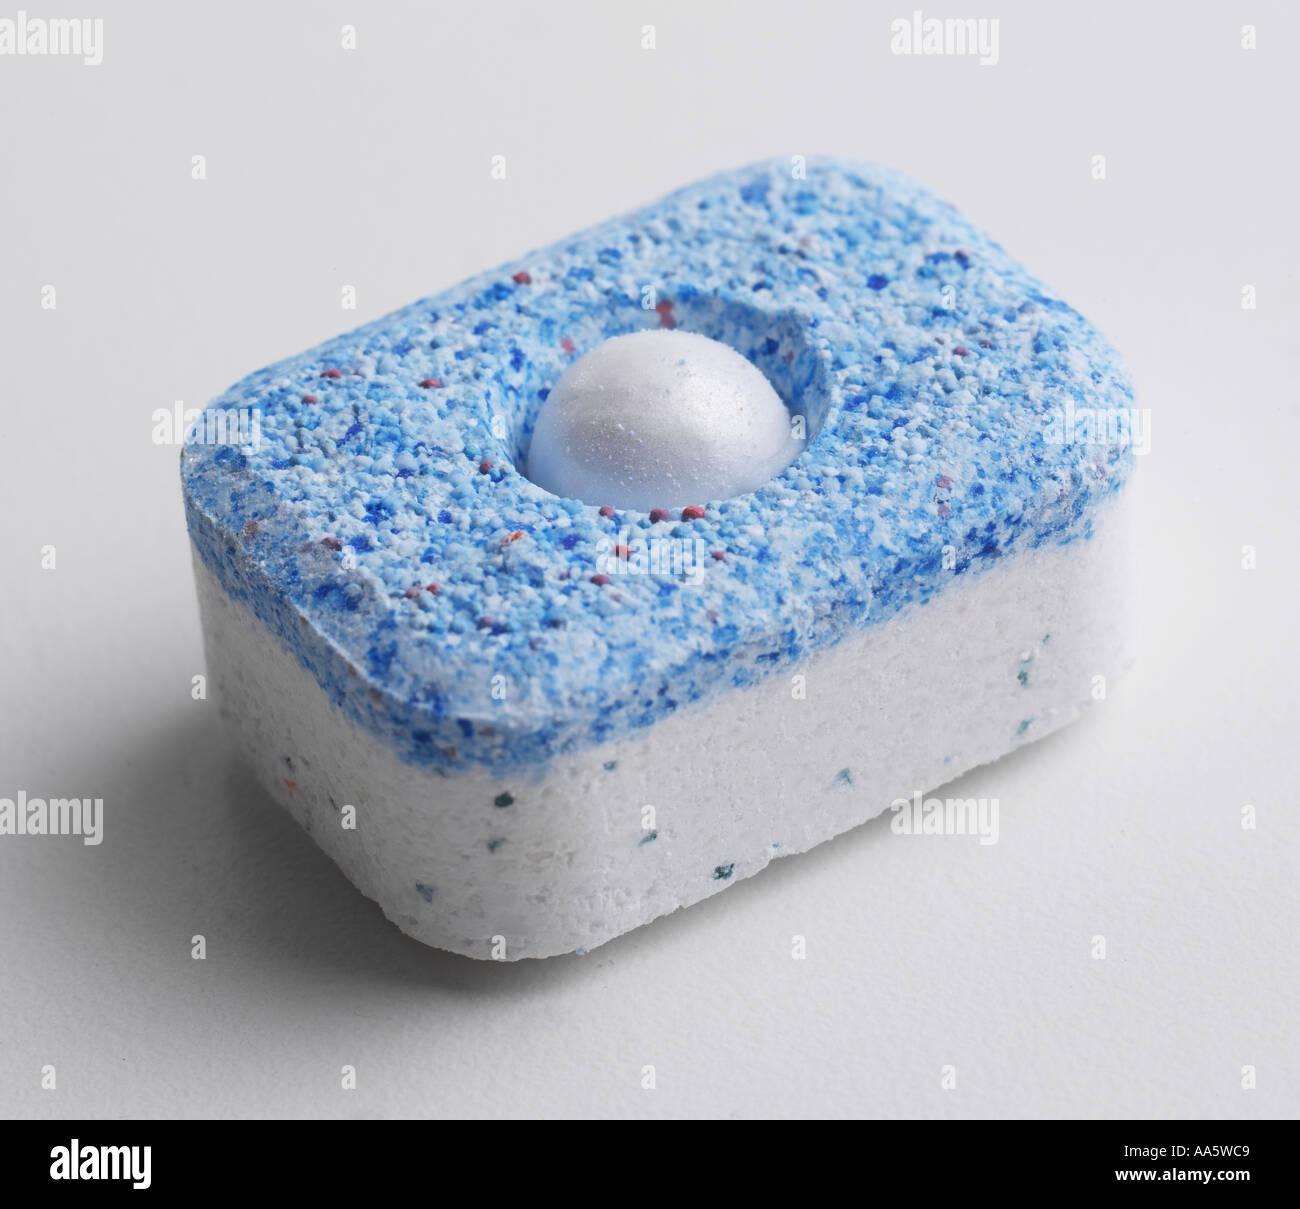 nettoyer lave vaisselle stunning nettoyer bras lavage lave vaisselle u youtube destin nettoyer. Black Bedroom Furniture Sets. Home Design Ideas